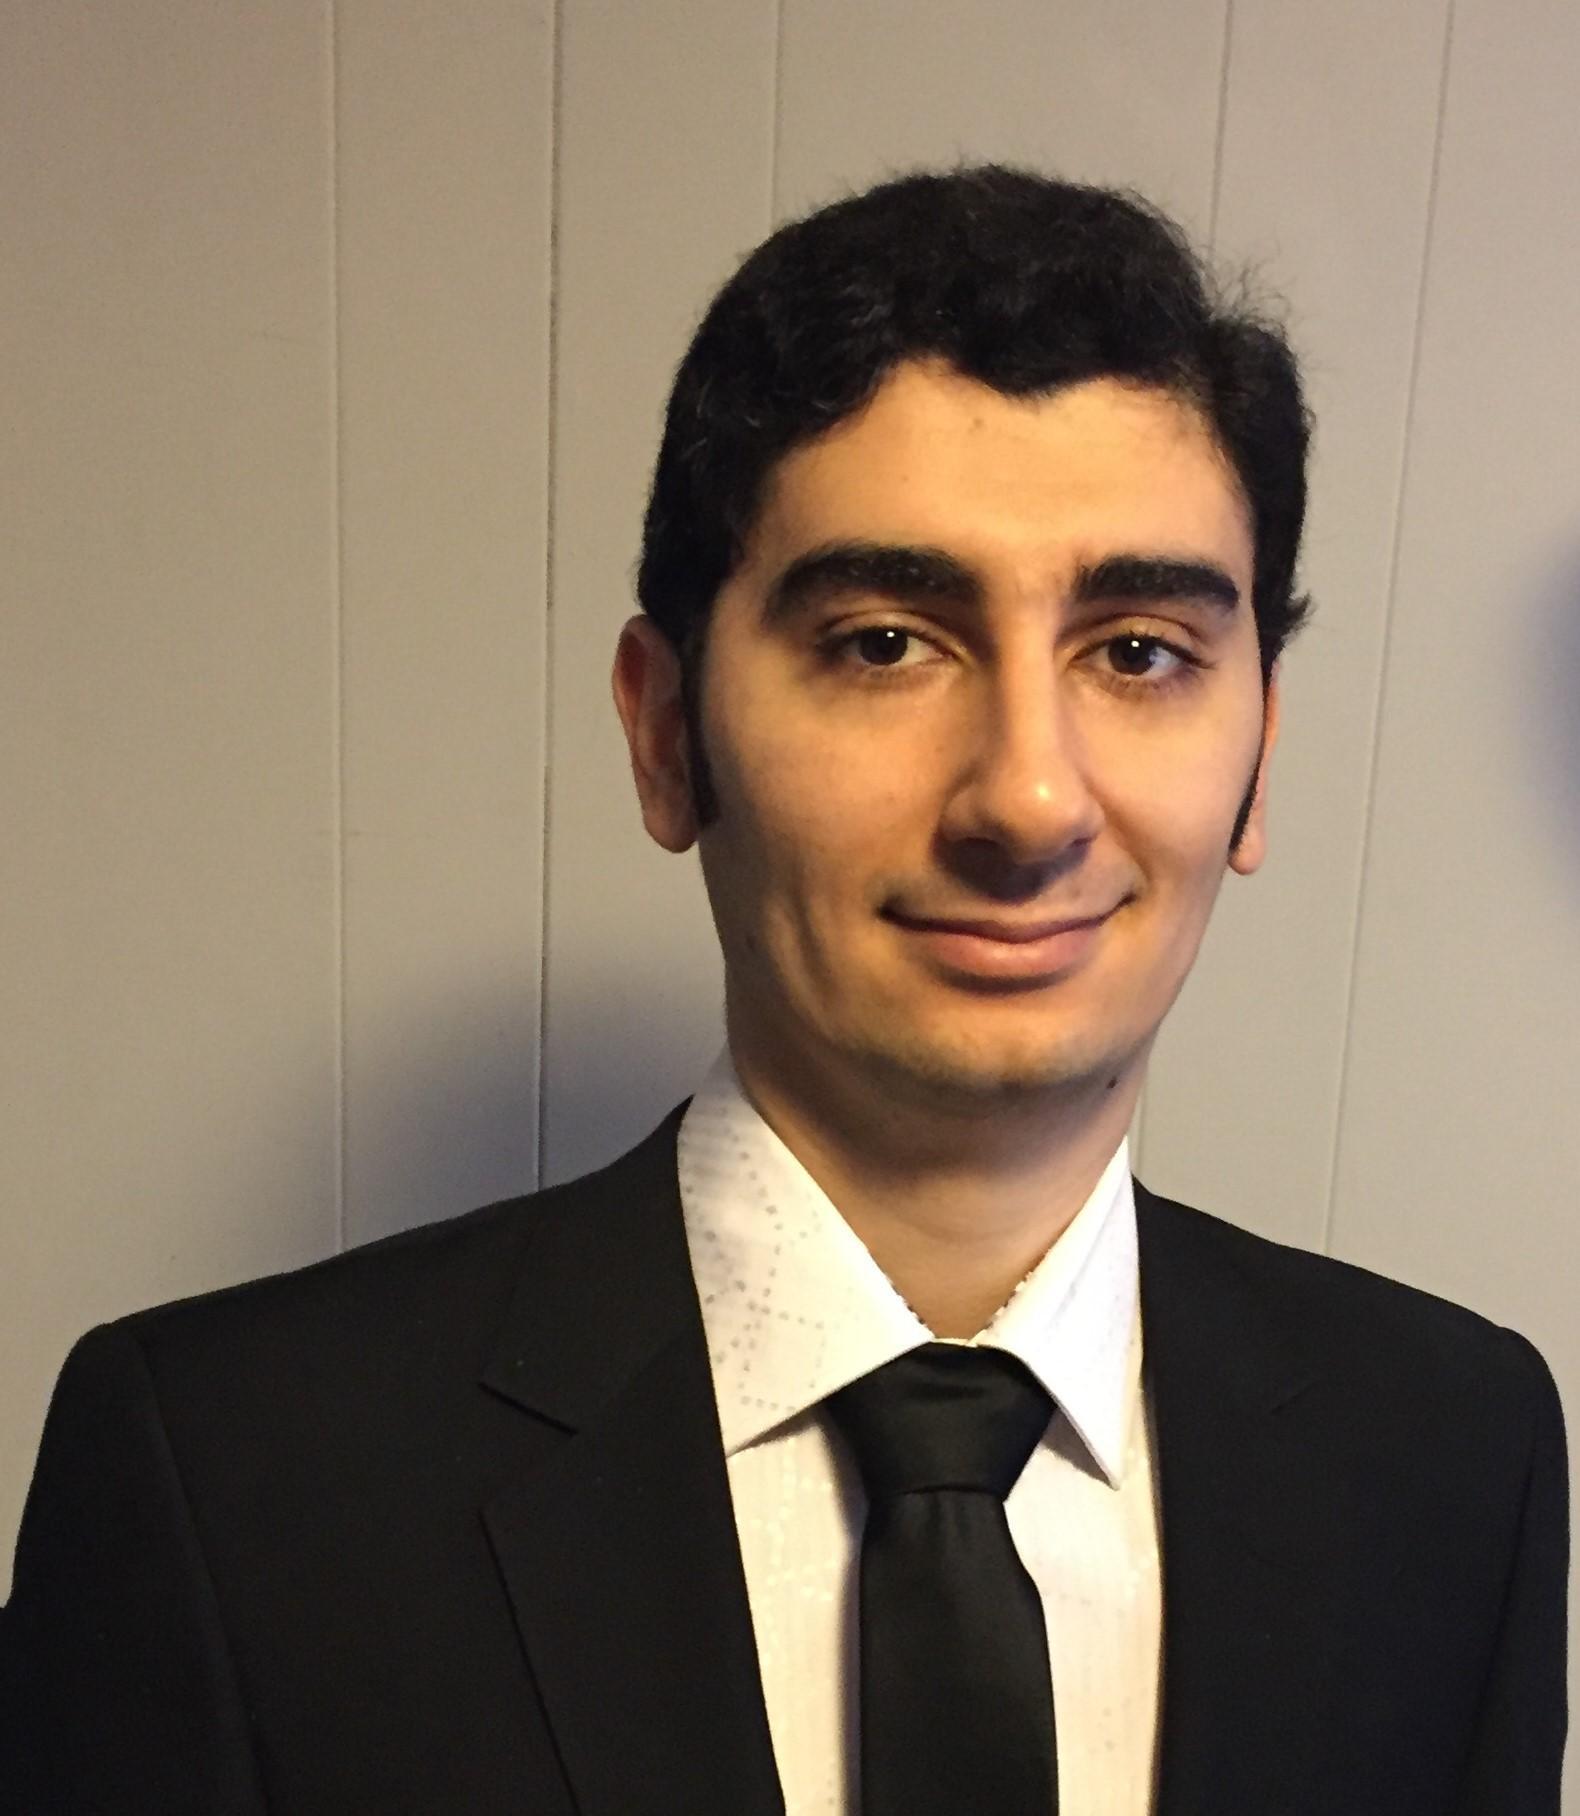 Masoud Loeian